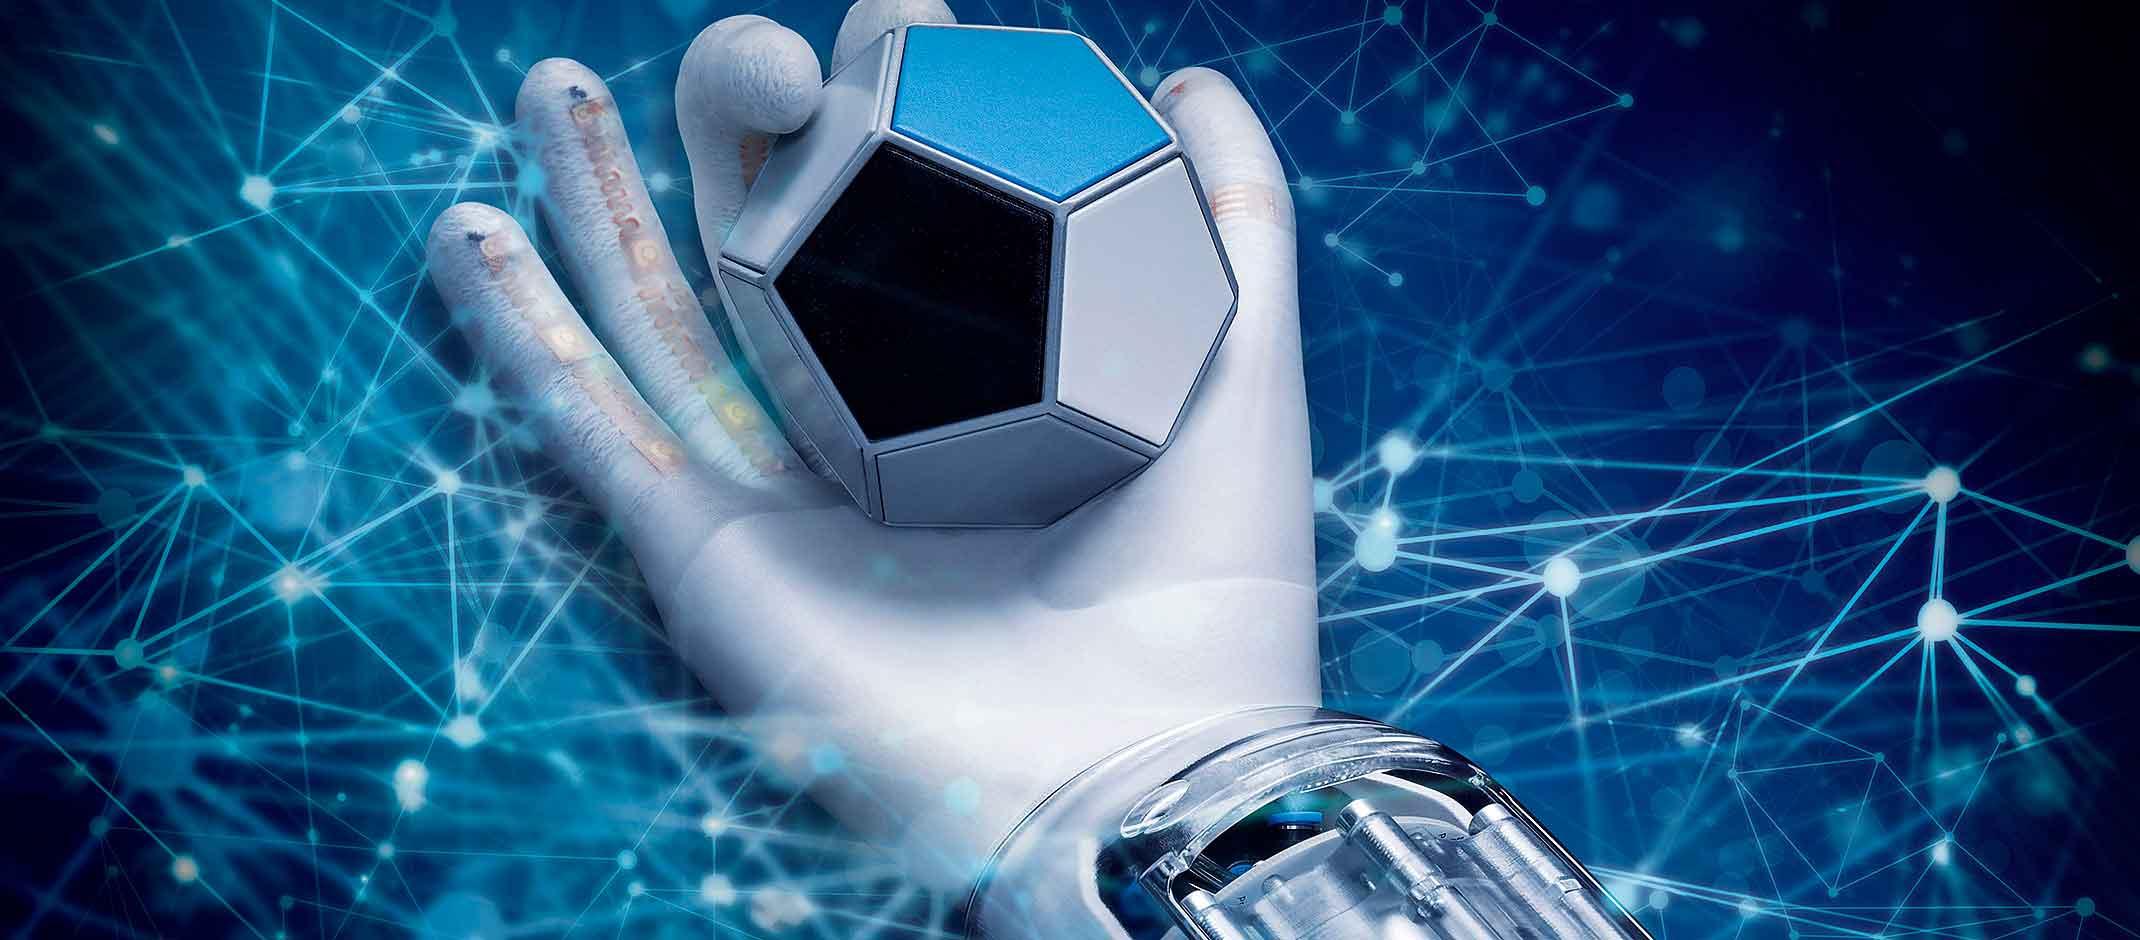 Роботизированная рука способная к самообучению